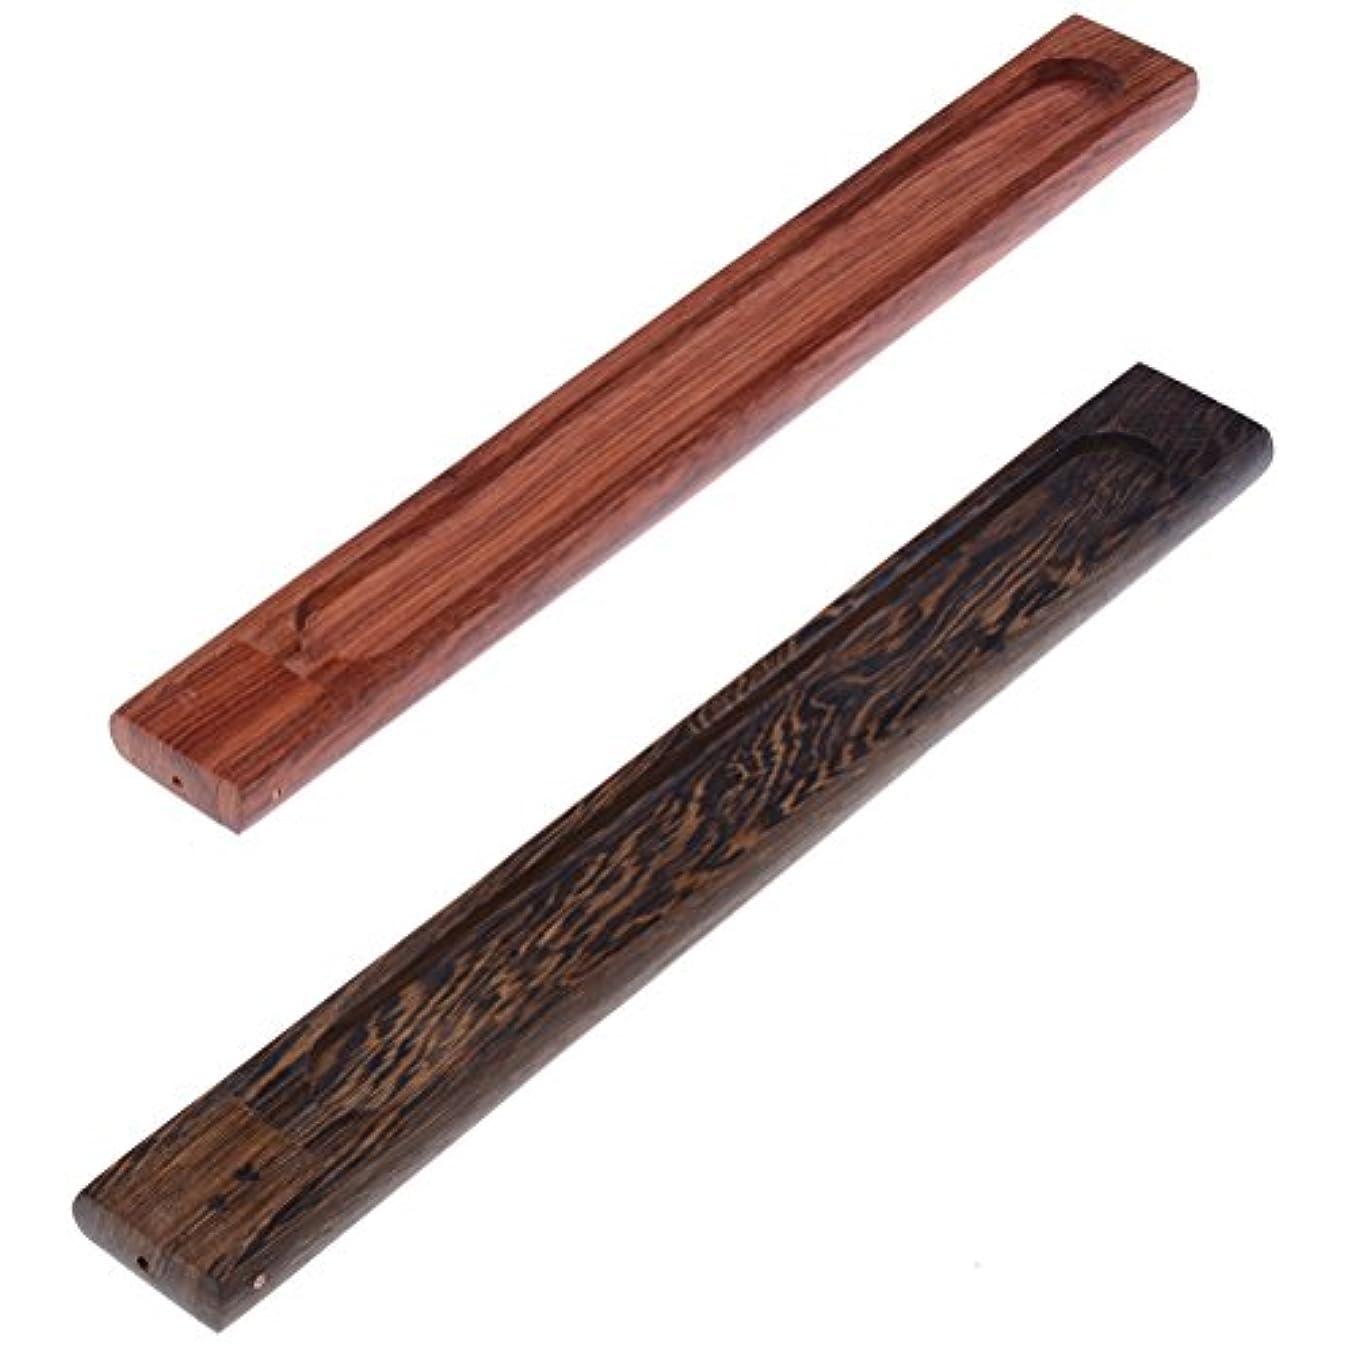 艦隊道に迷いました利益yiphates 2ピース木製香炉スティックホルダーAshキャッチャー木製トレイwith Adjustable Incense Stick Holder